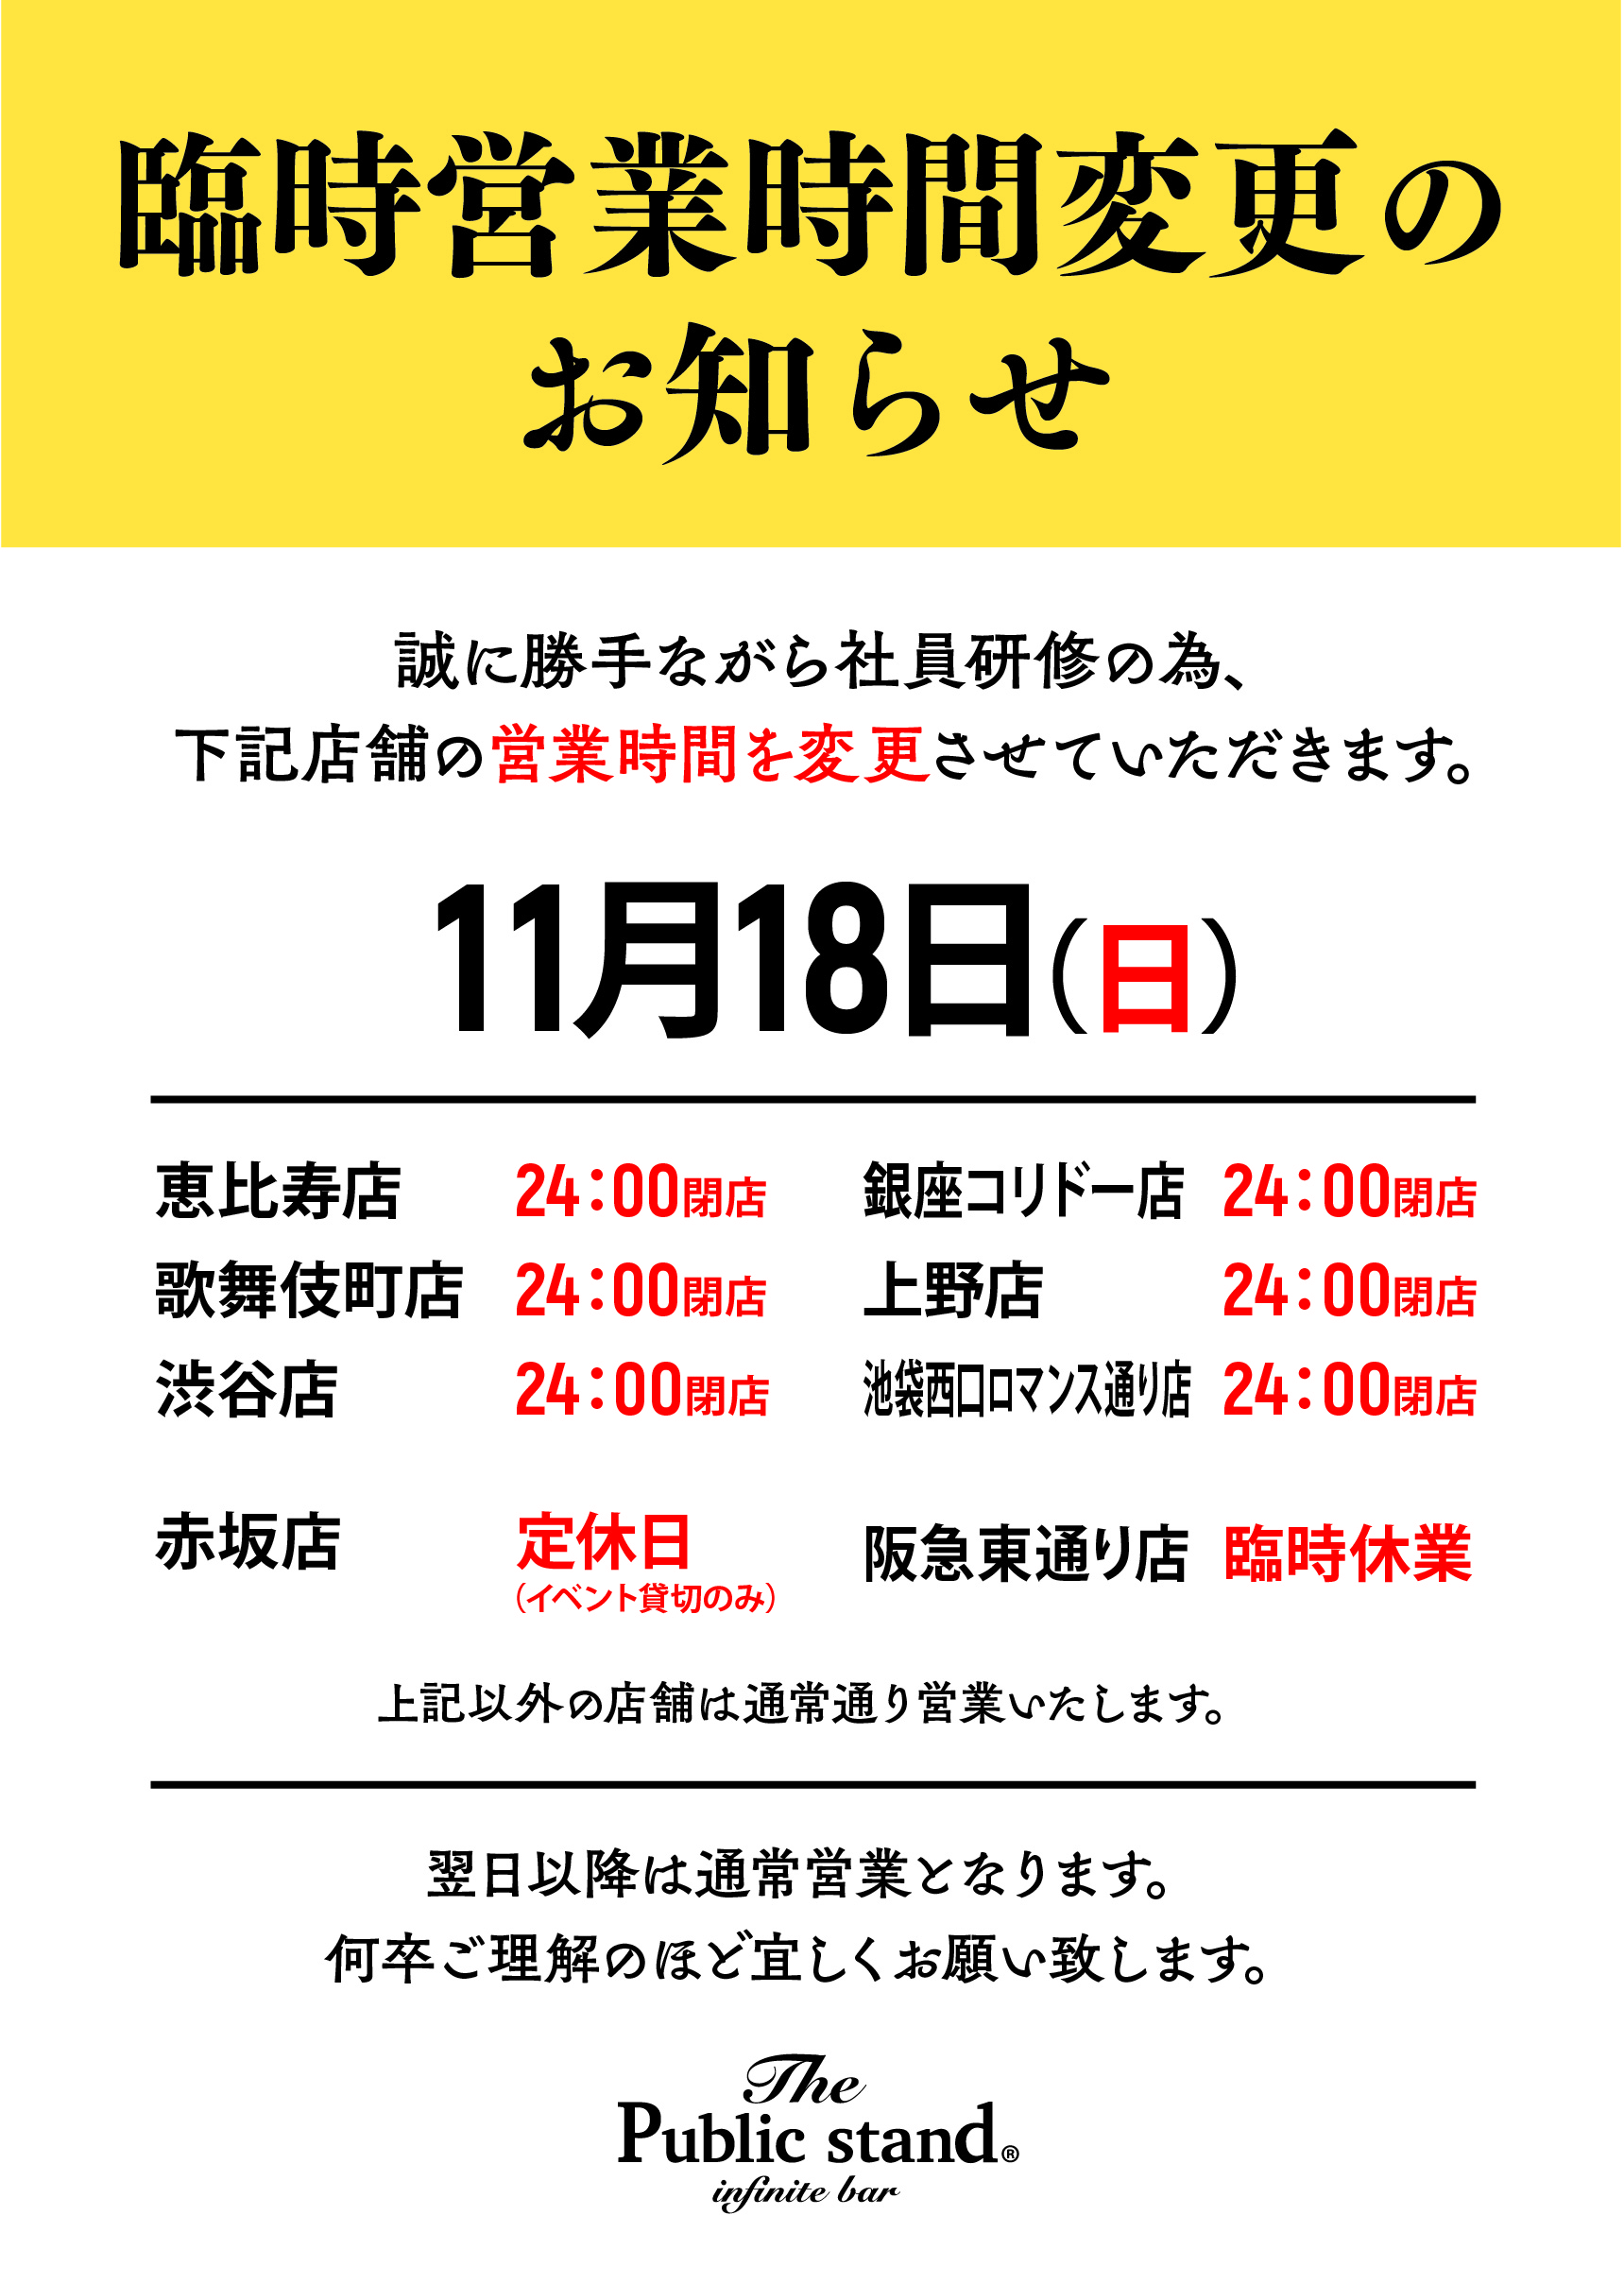 11月18日(日)・一部店舗の営業時間変更のお知らせ